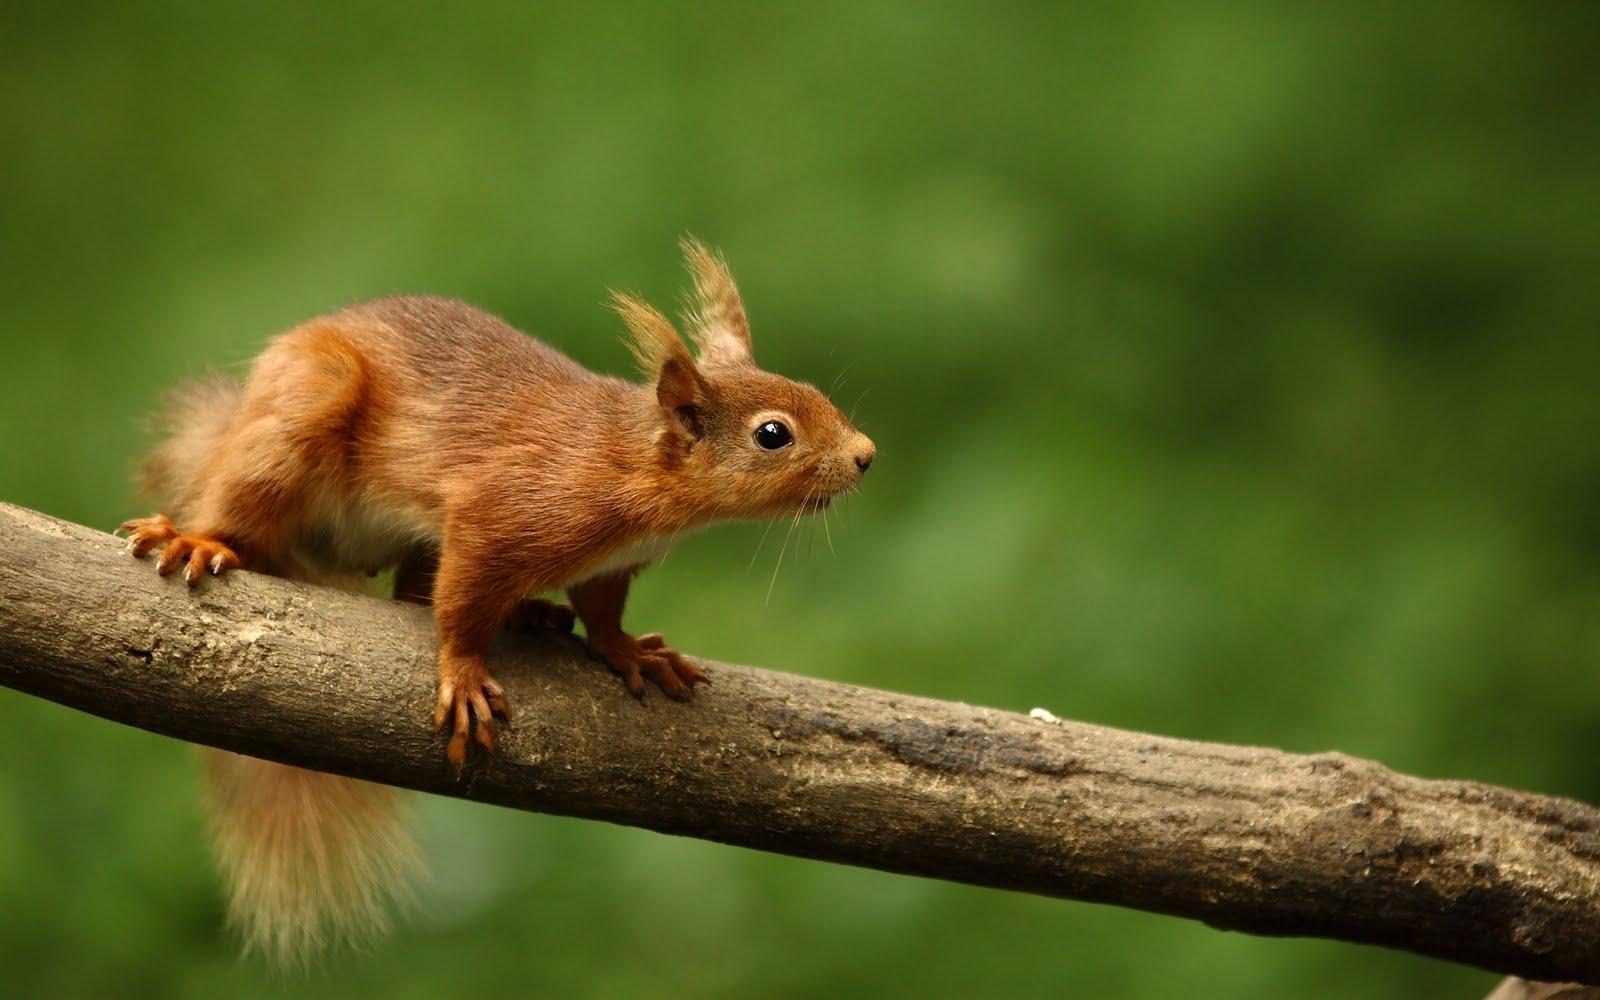 Una linda ardilla - Cute squirrel